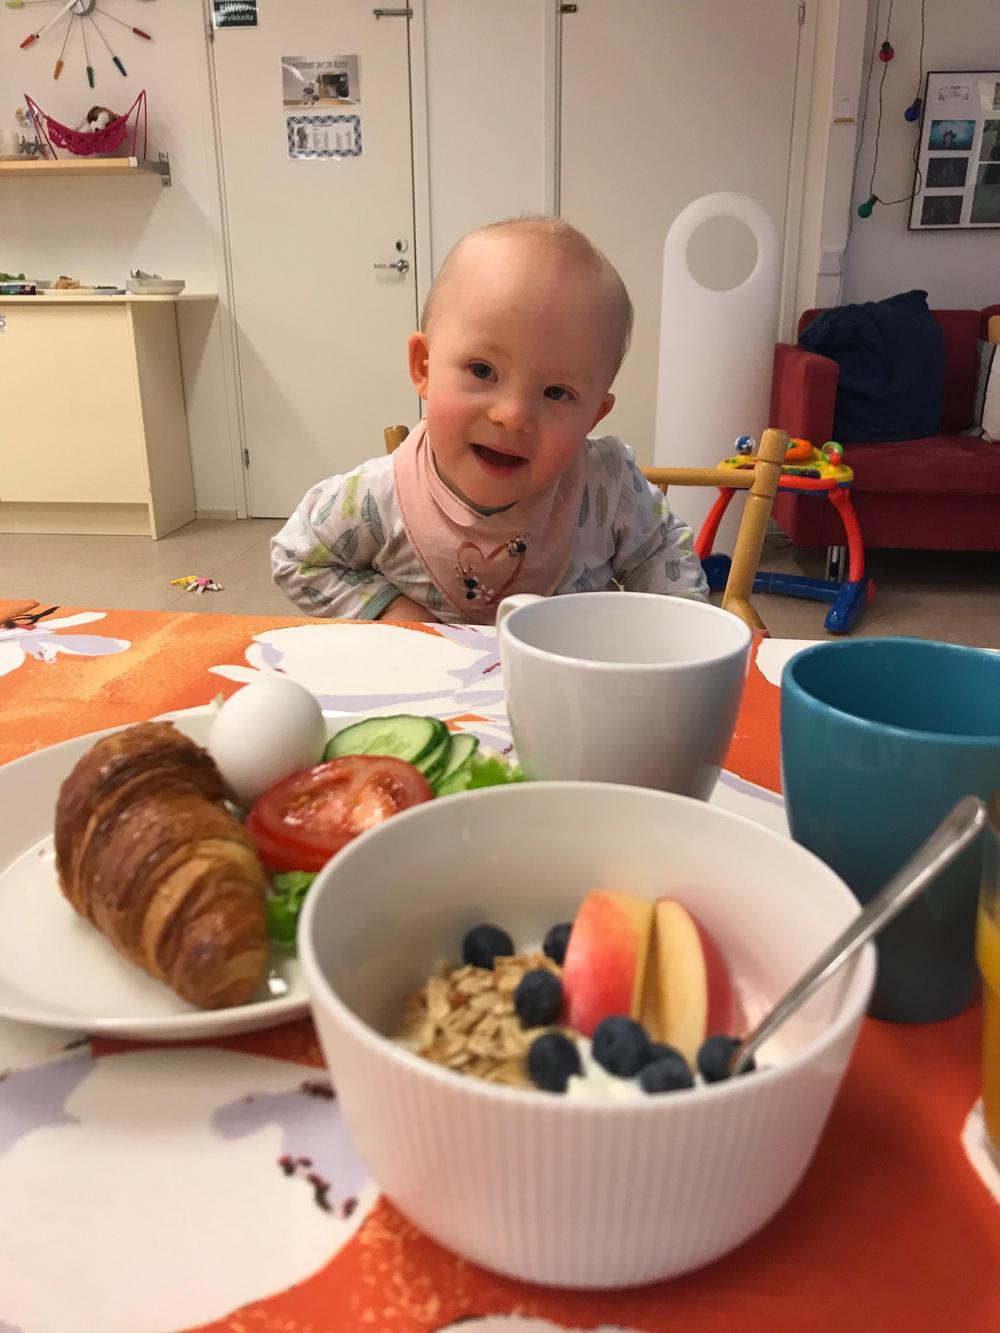 Kuvassa down-taapero ruokapöydän ääressä. Kuvan etualalla aamupalaa: jugurttia ja marjoja, croisanttia, vihanneksia, kananmuna, kahvimukeja.